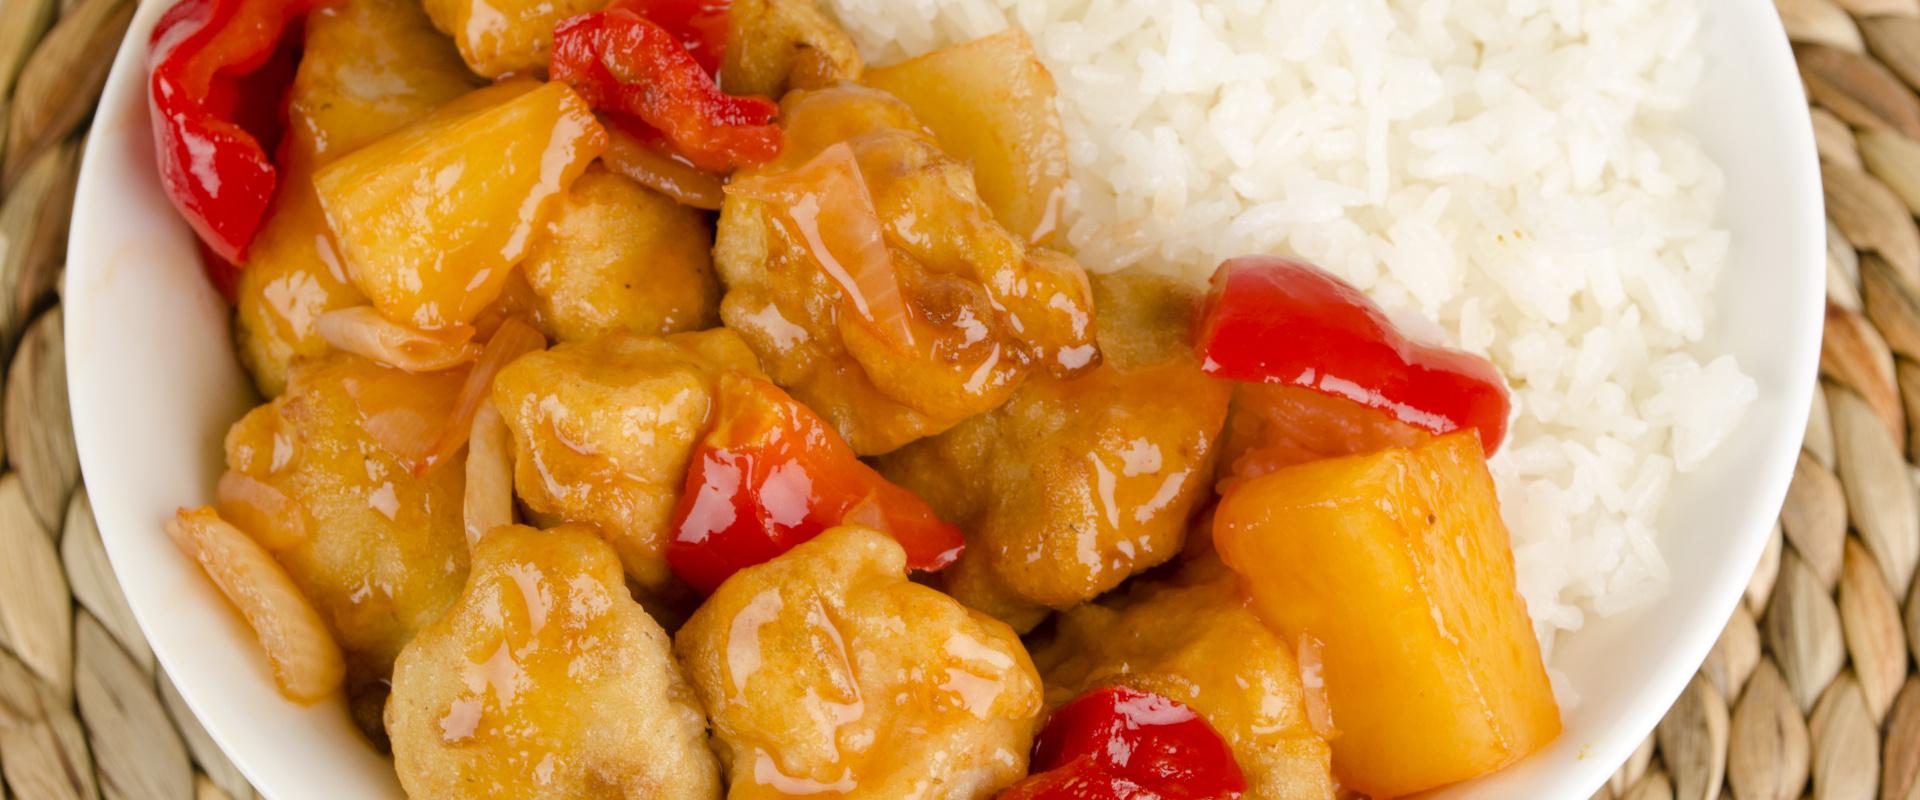 kínai édes savanyú csirke cover